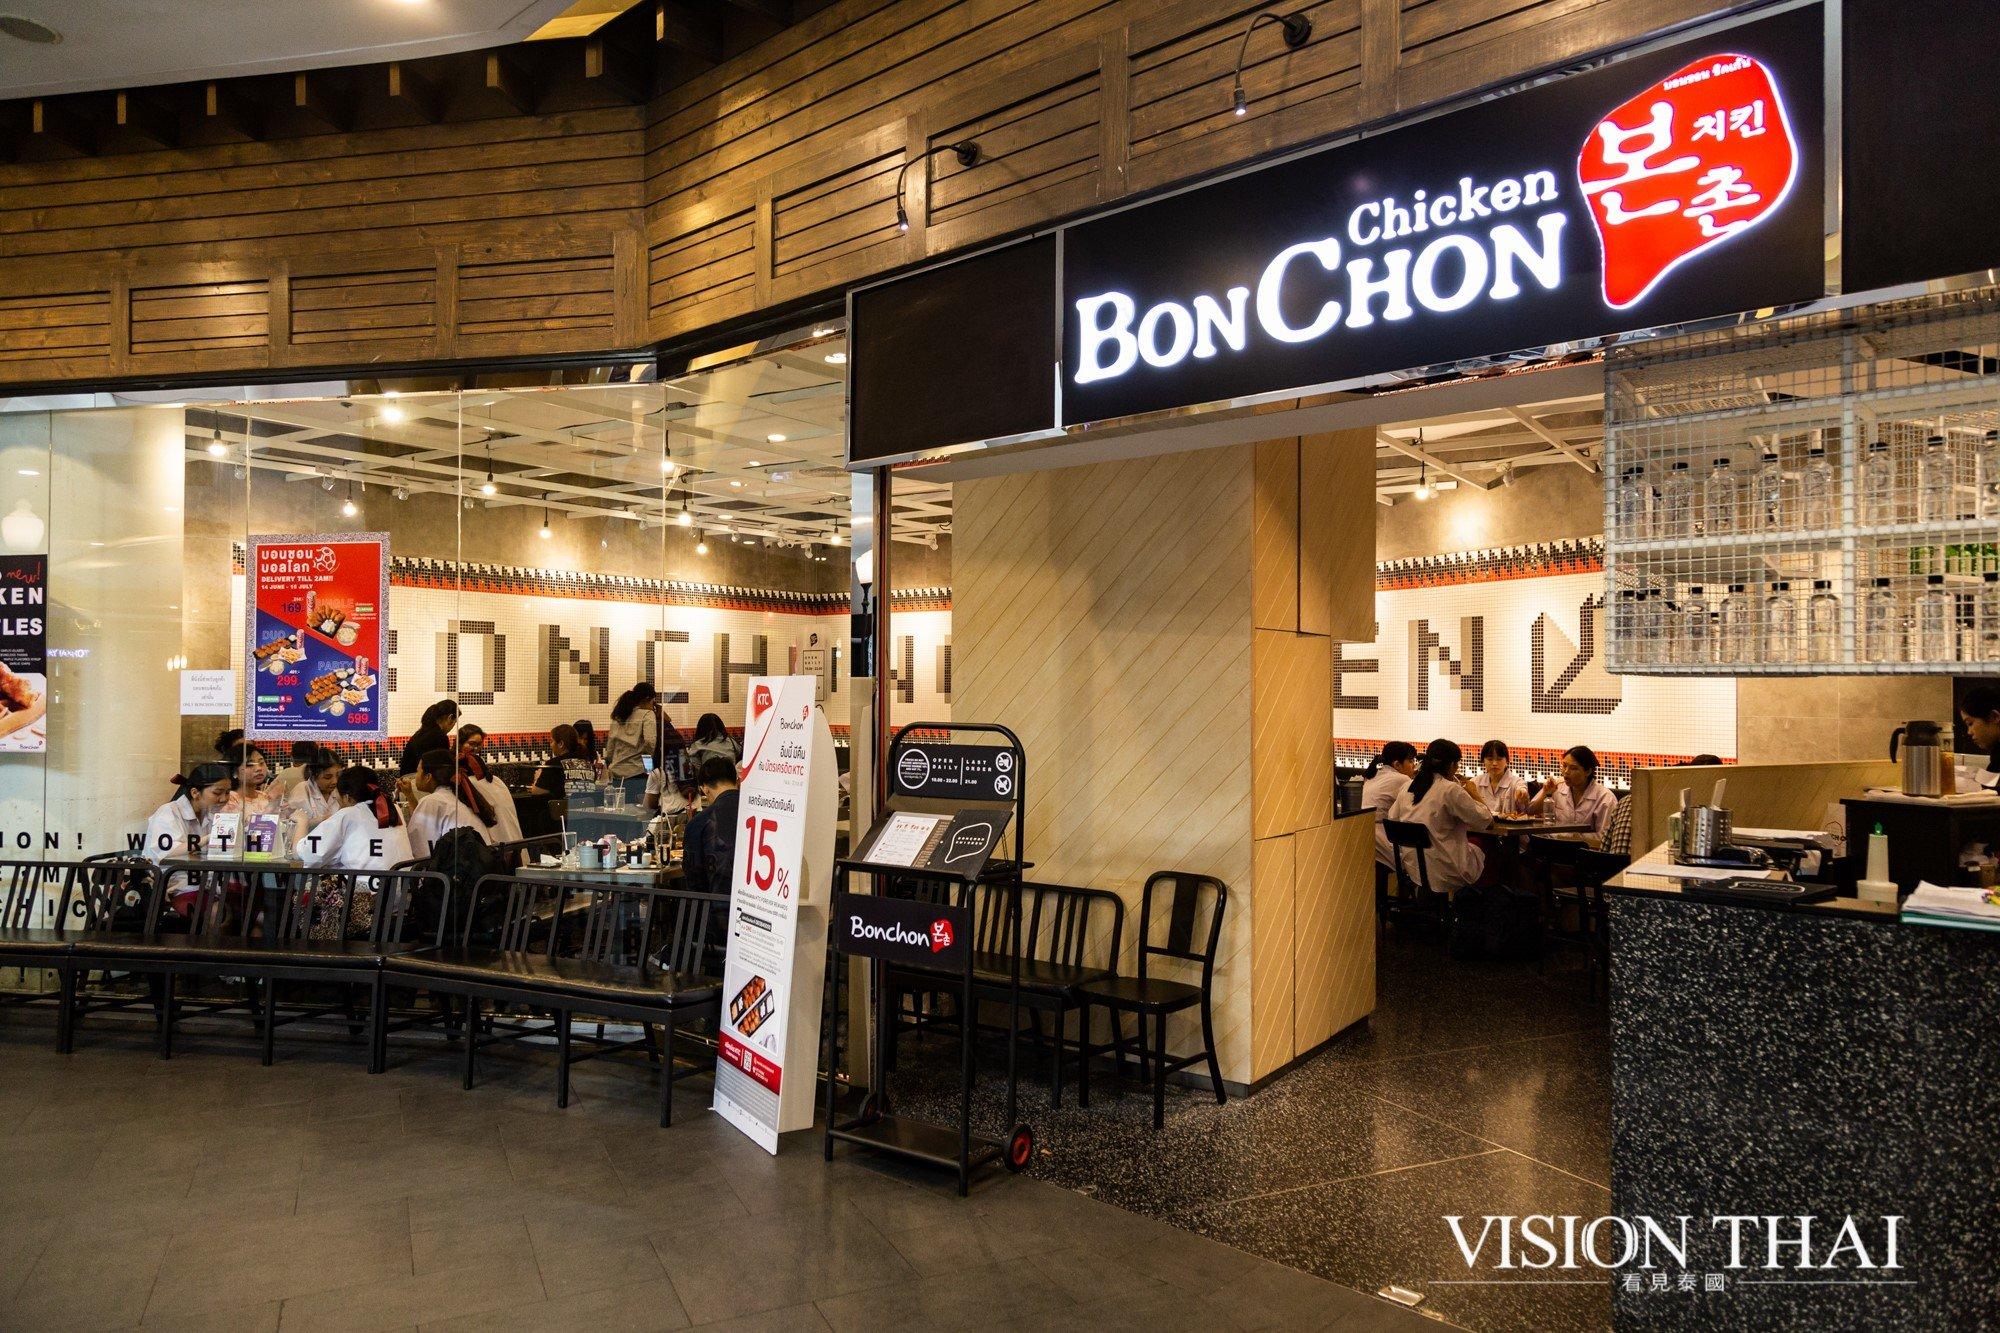 曼谷 本村炸雞 Terminal 21店 BonChon Terminal 21 曼谷必逛購物中心內的首選美食